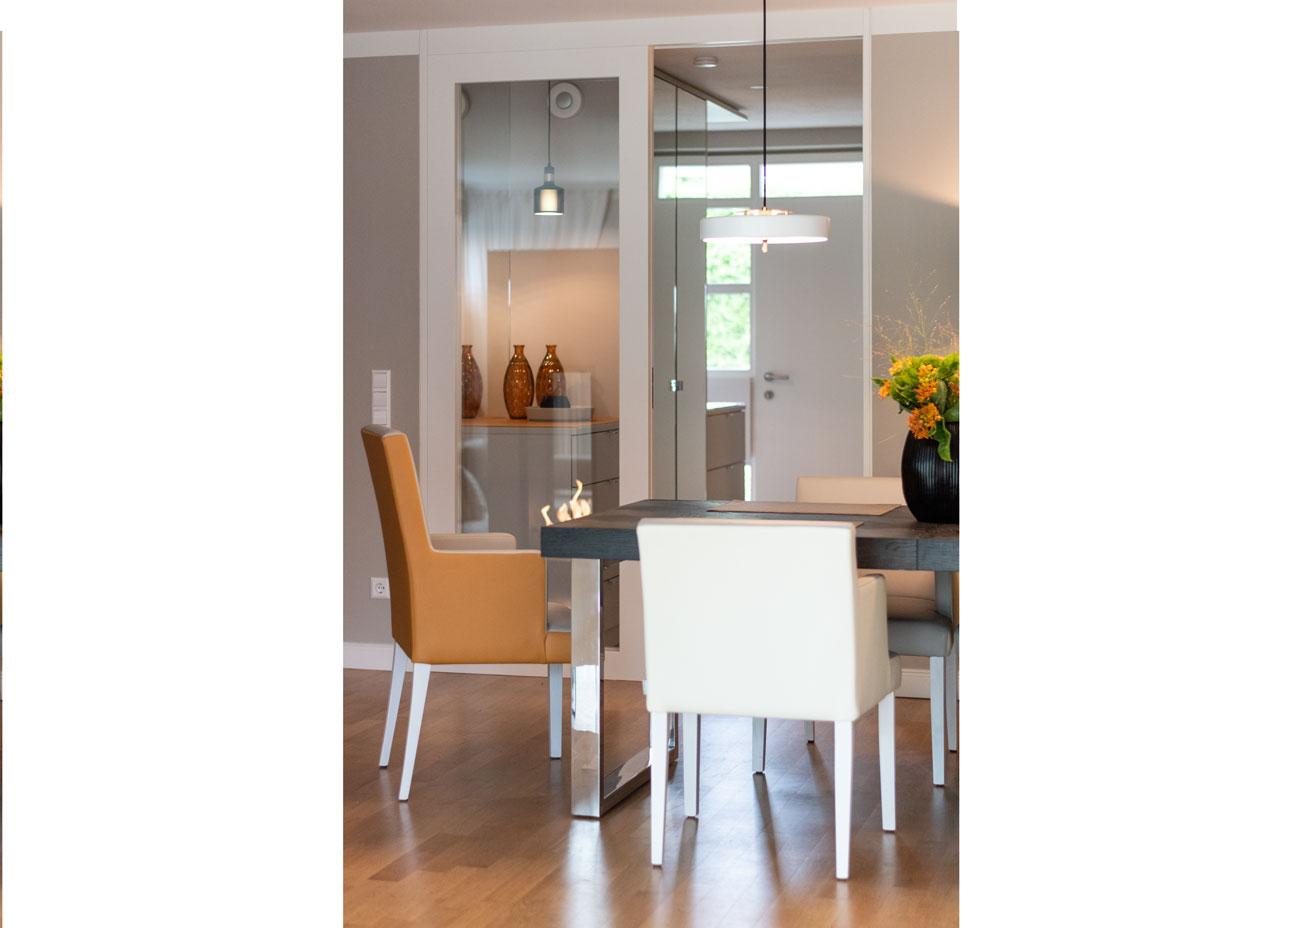 haus renovieren ideen essbereich tisch stühle oker glastür flur leuchte